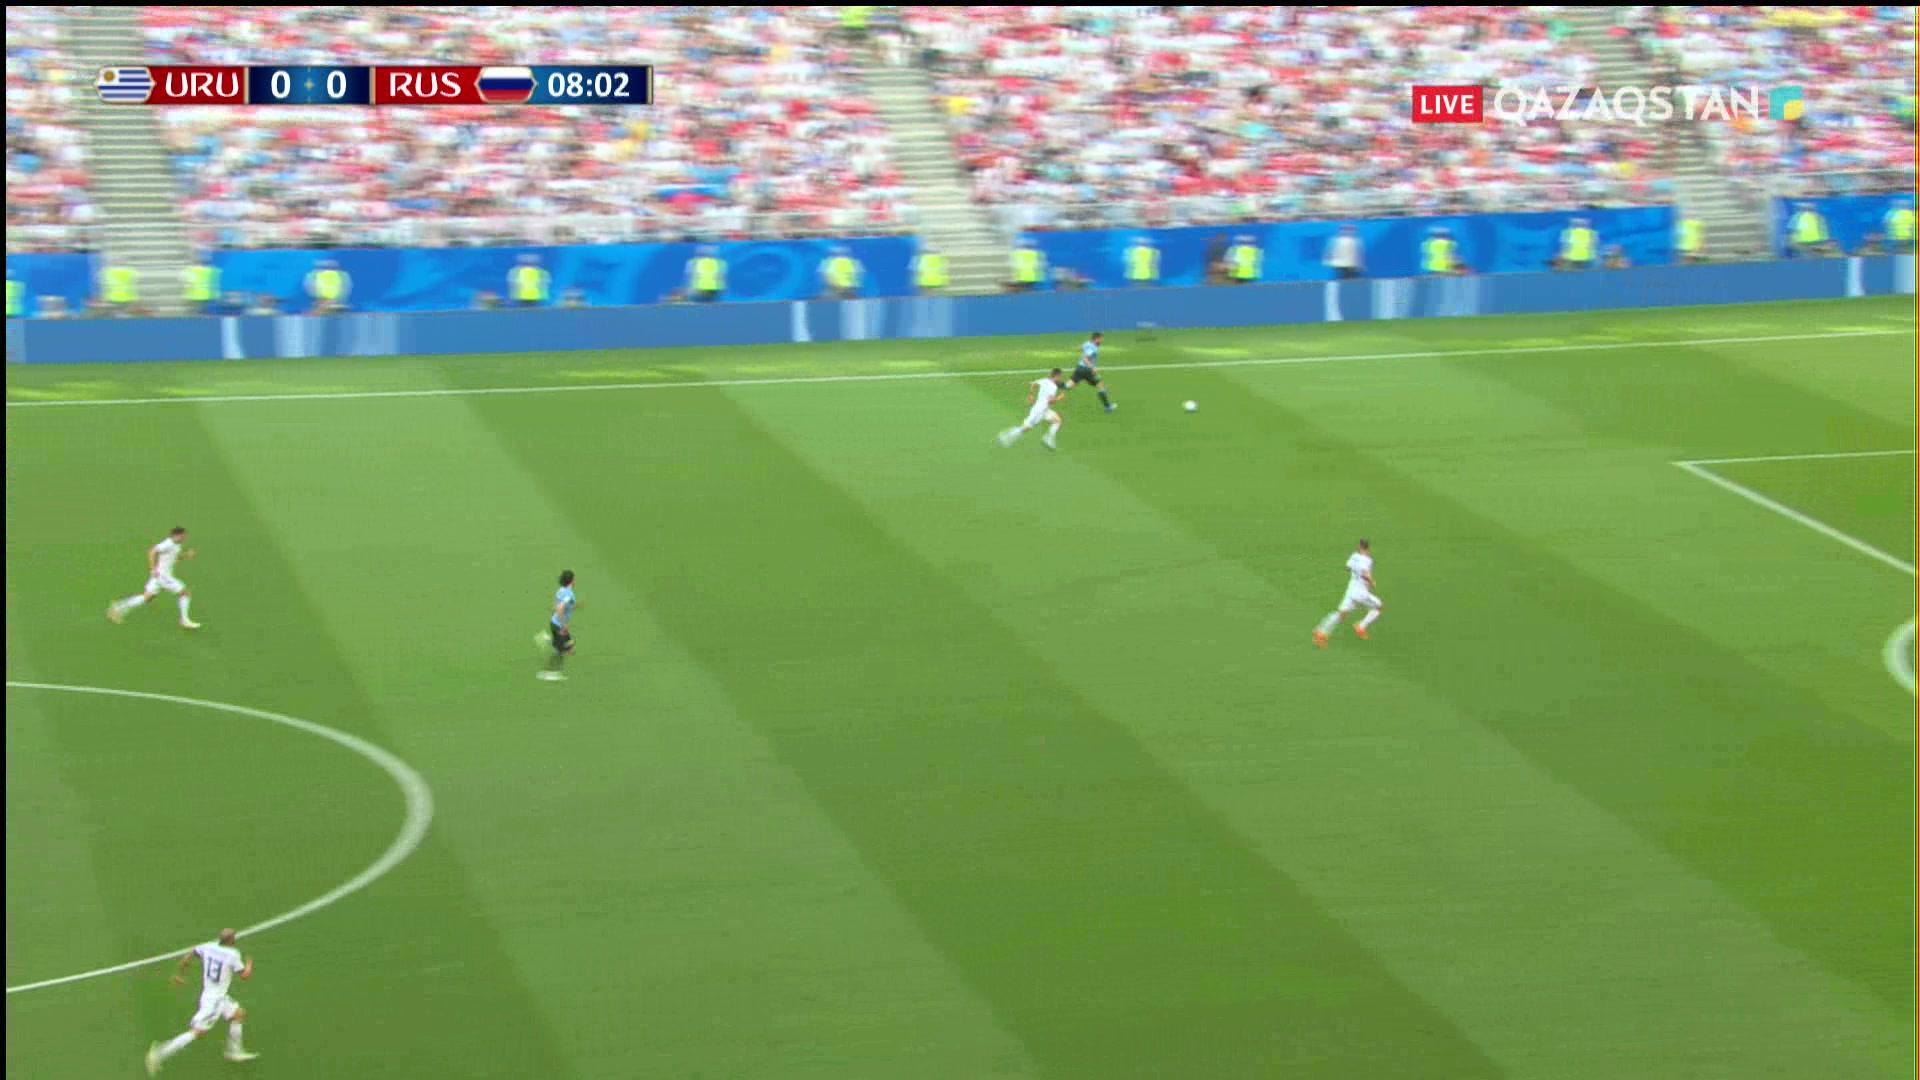 ӘЧ-2018. Уругвай – Ресей |3 – 0| Шолу